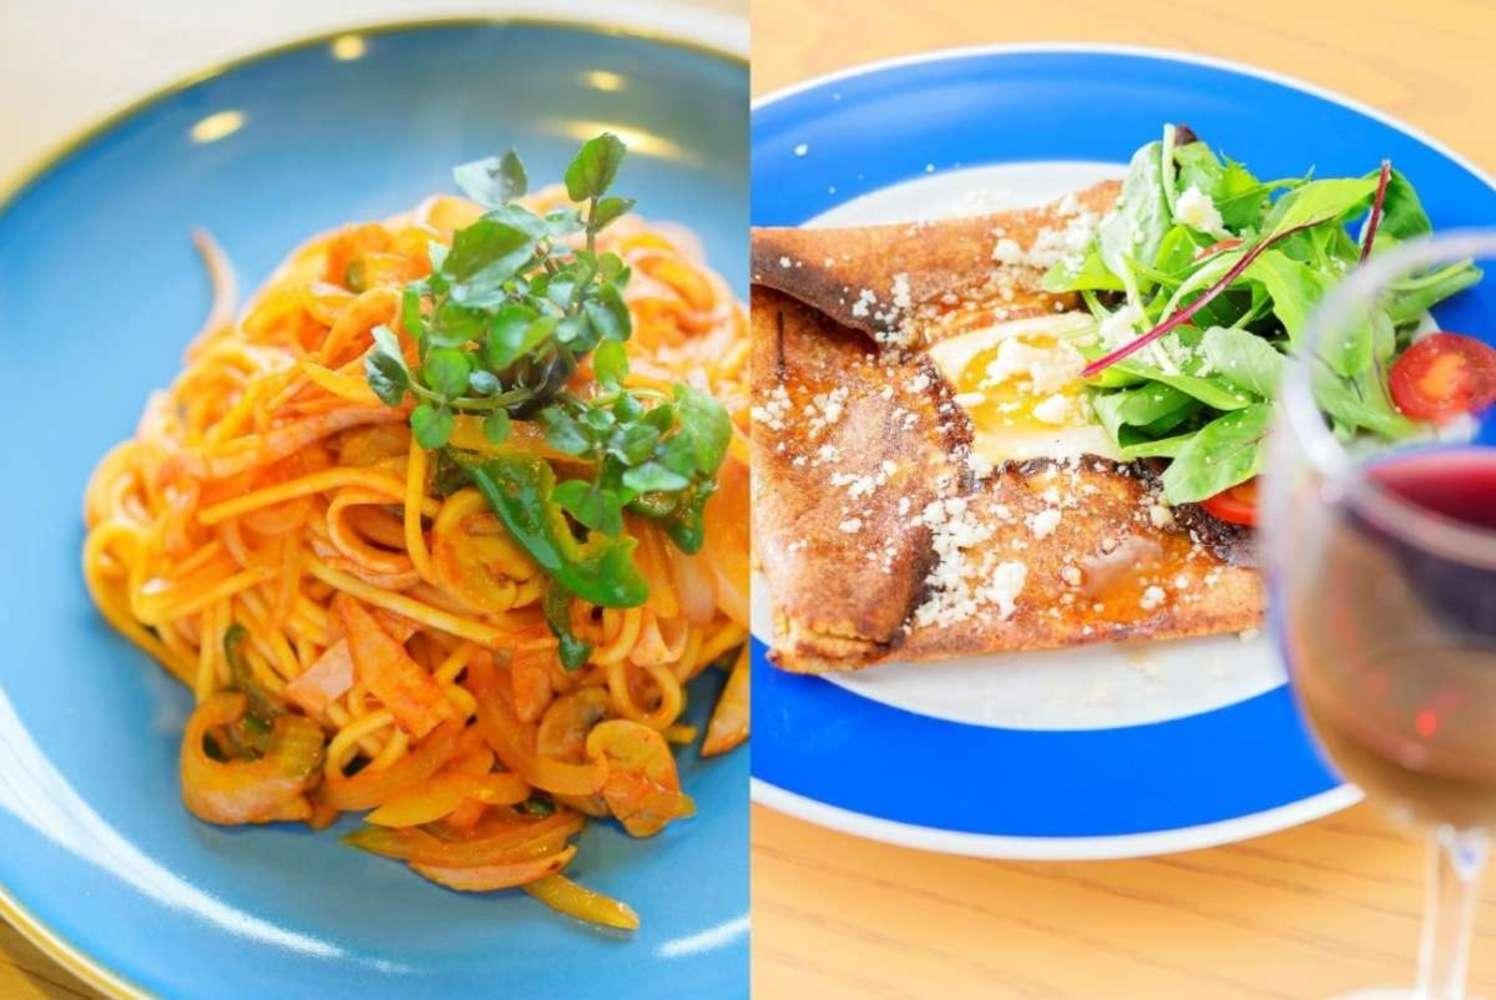 みずみずしく力強い「箱根西麓三島野菜」を味わえるレストラン3選